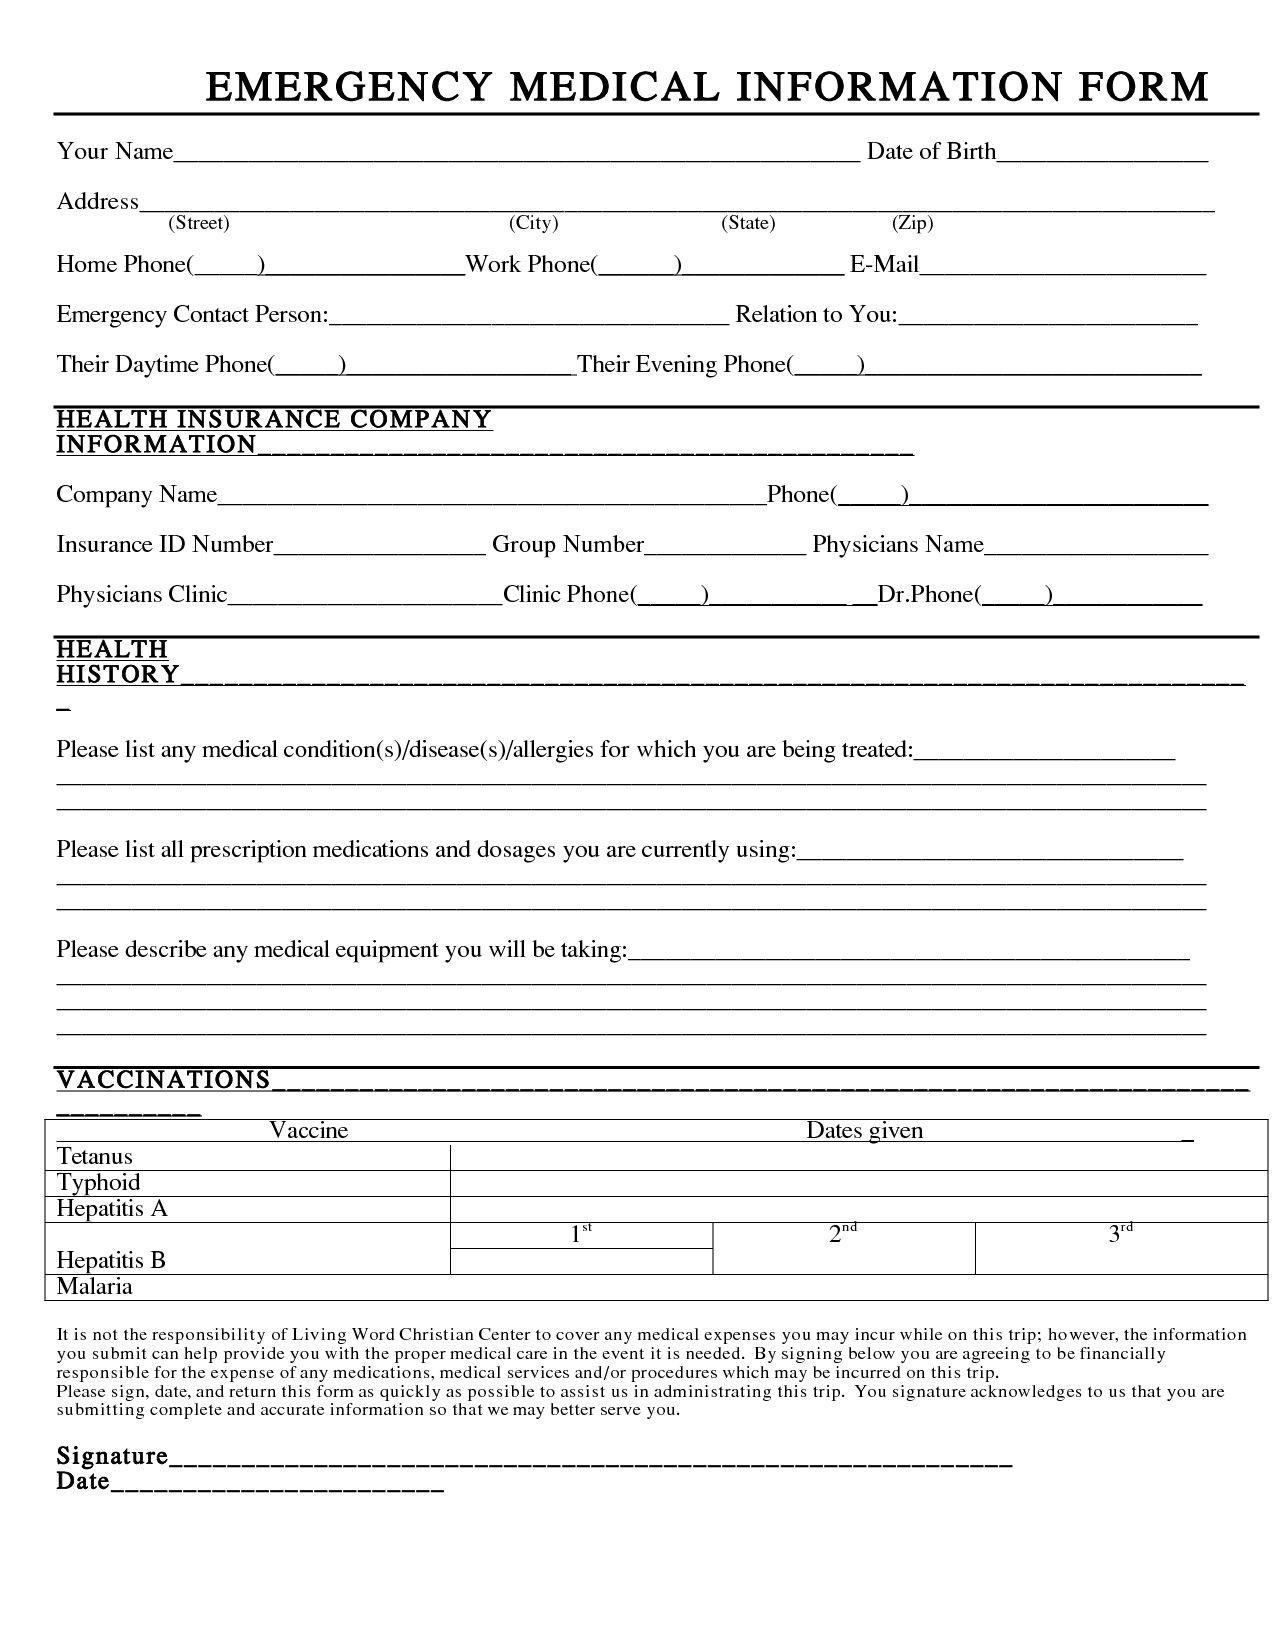 Medical Information Form Template Elegant Emergency Information